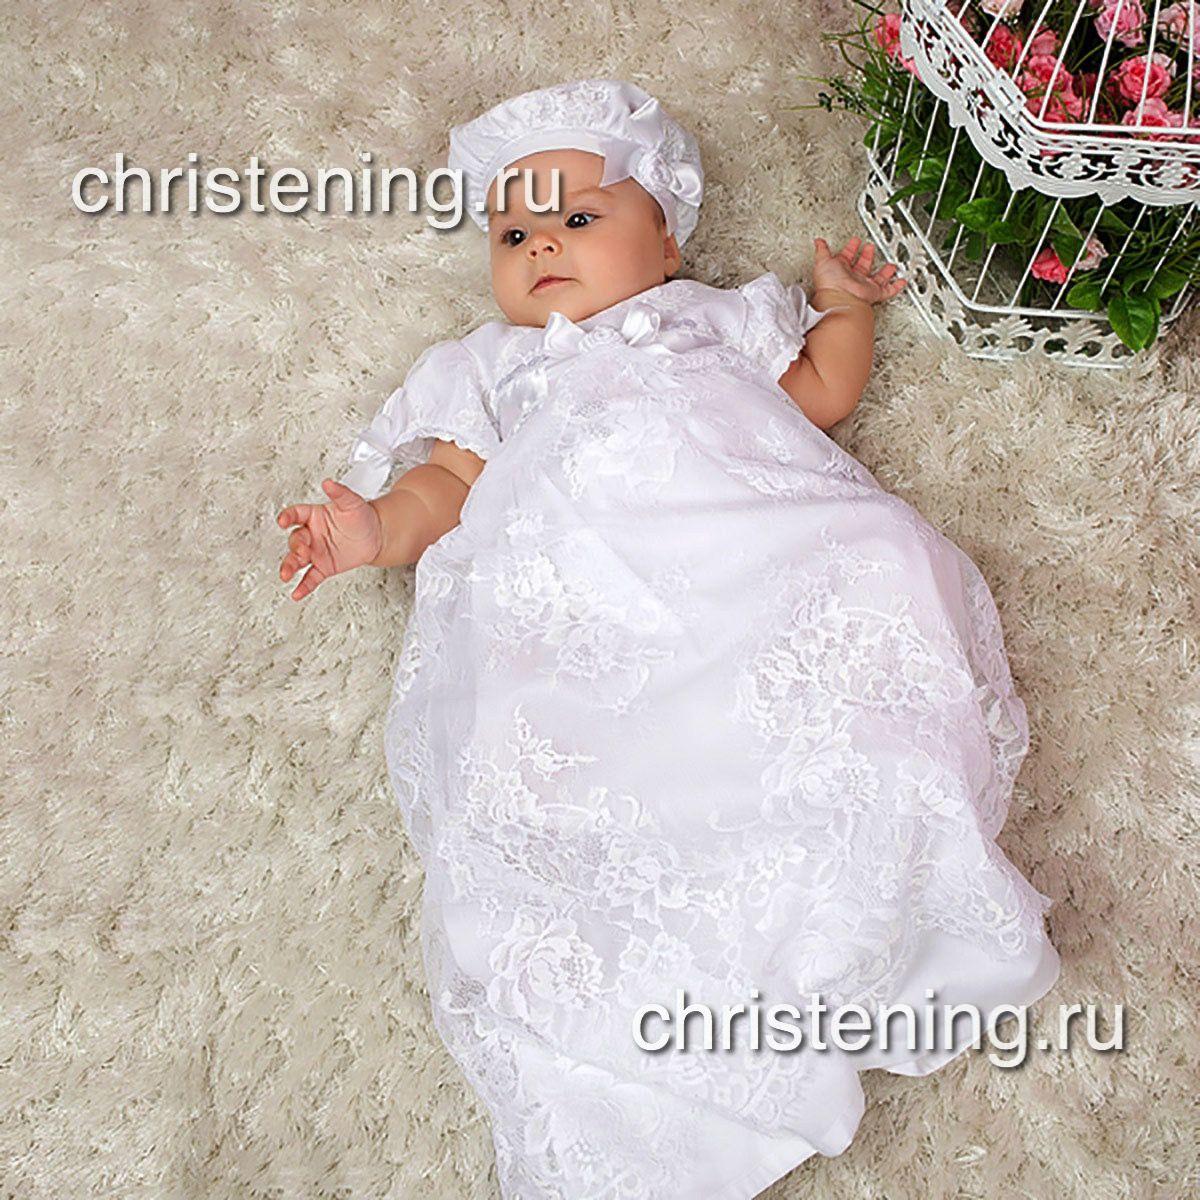 ВАРВАРА рубашка для крещения кружевная